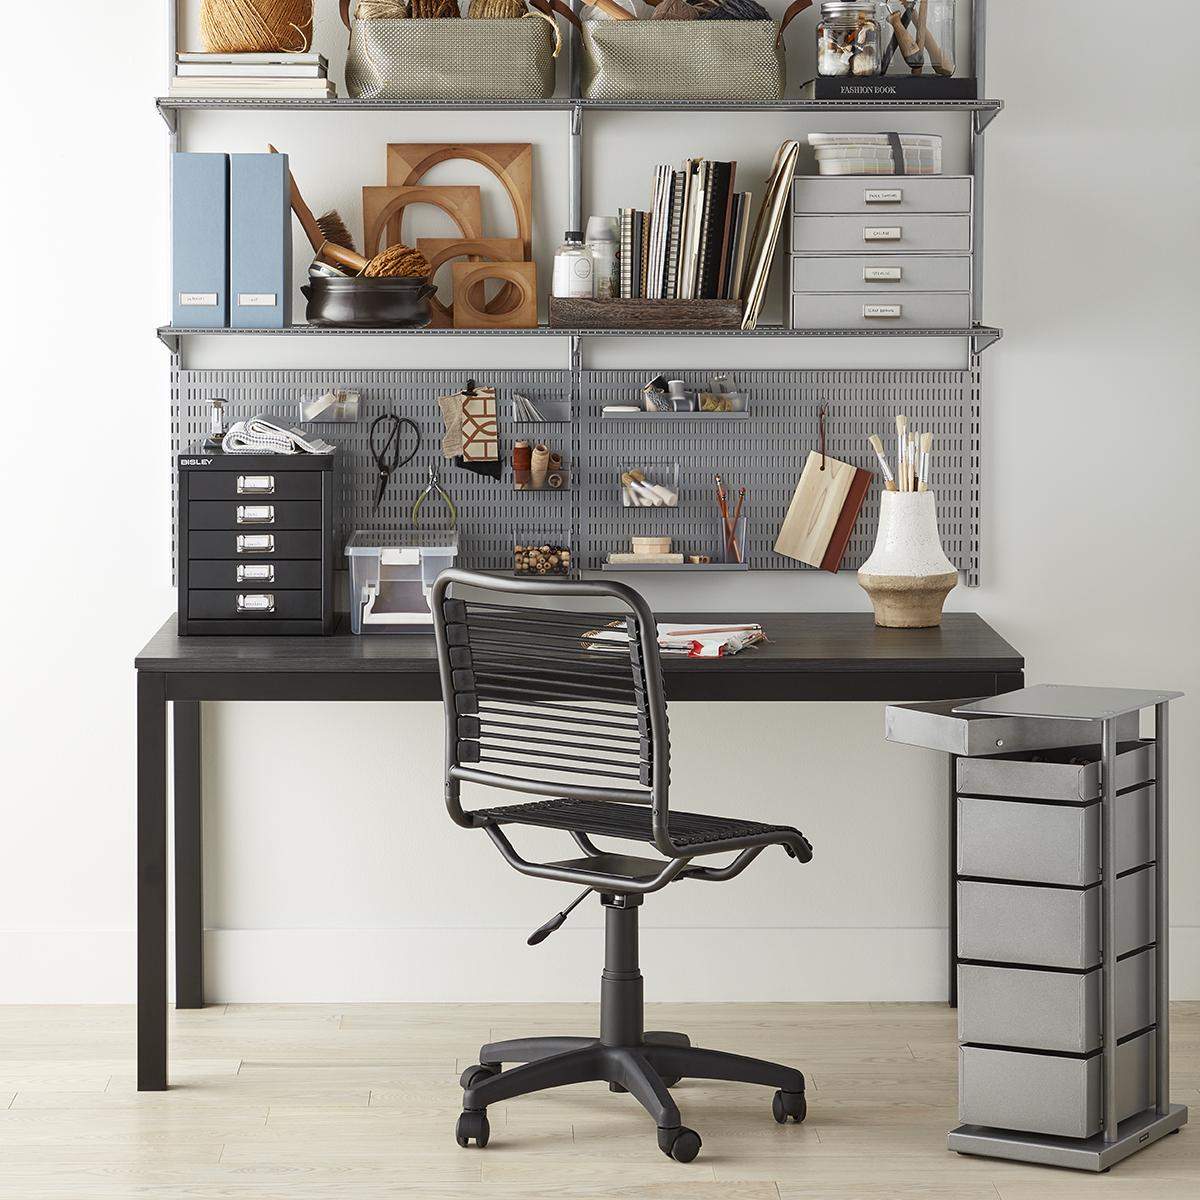 Platinum Elfa Home Office Shelving